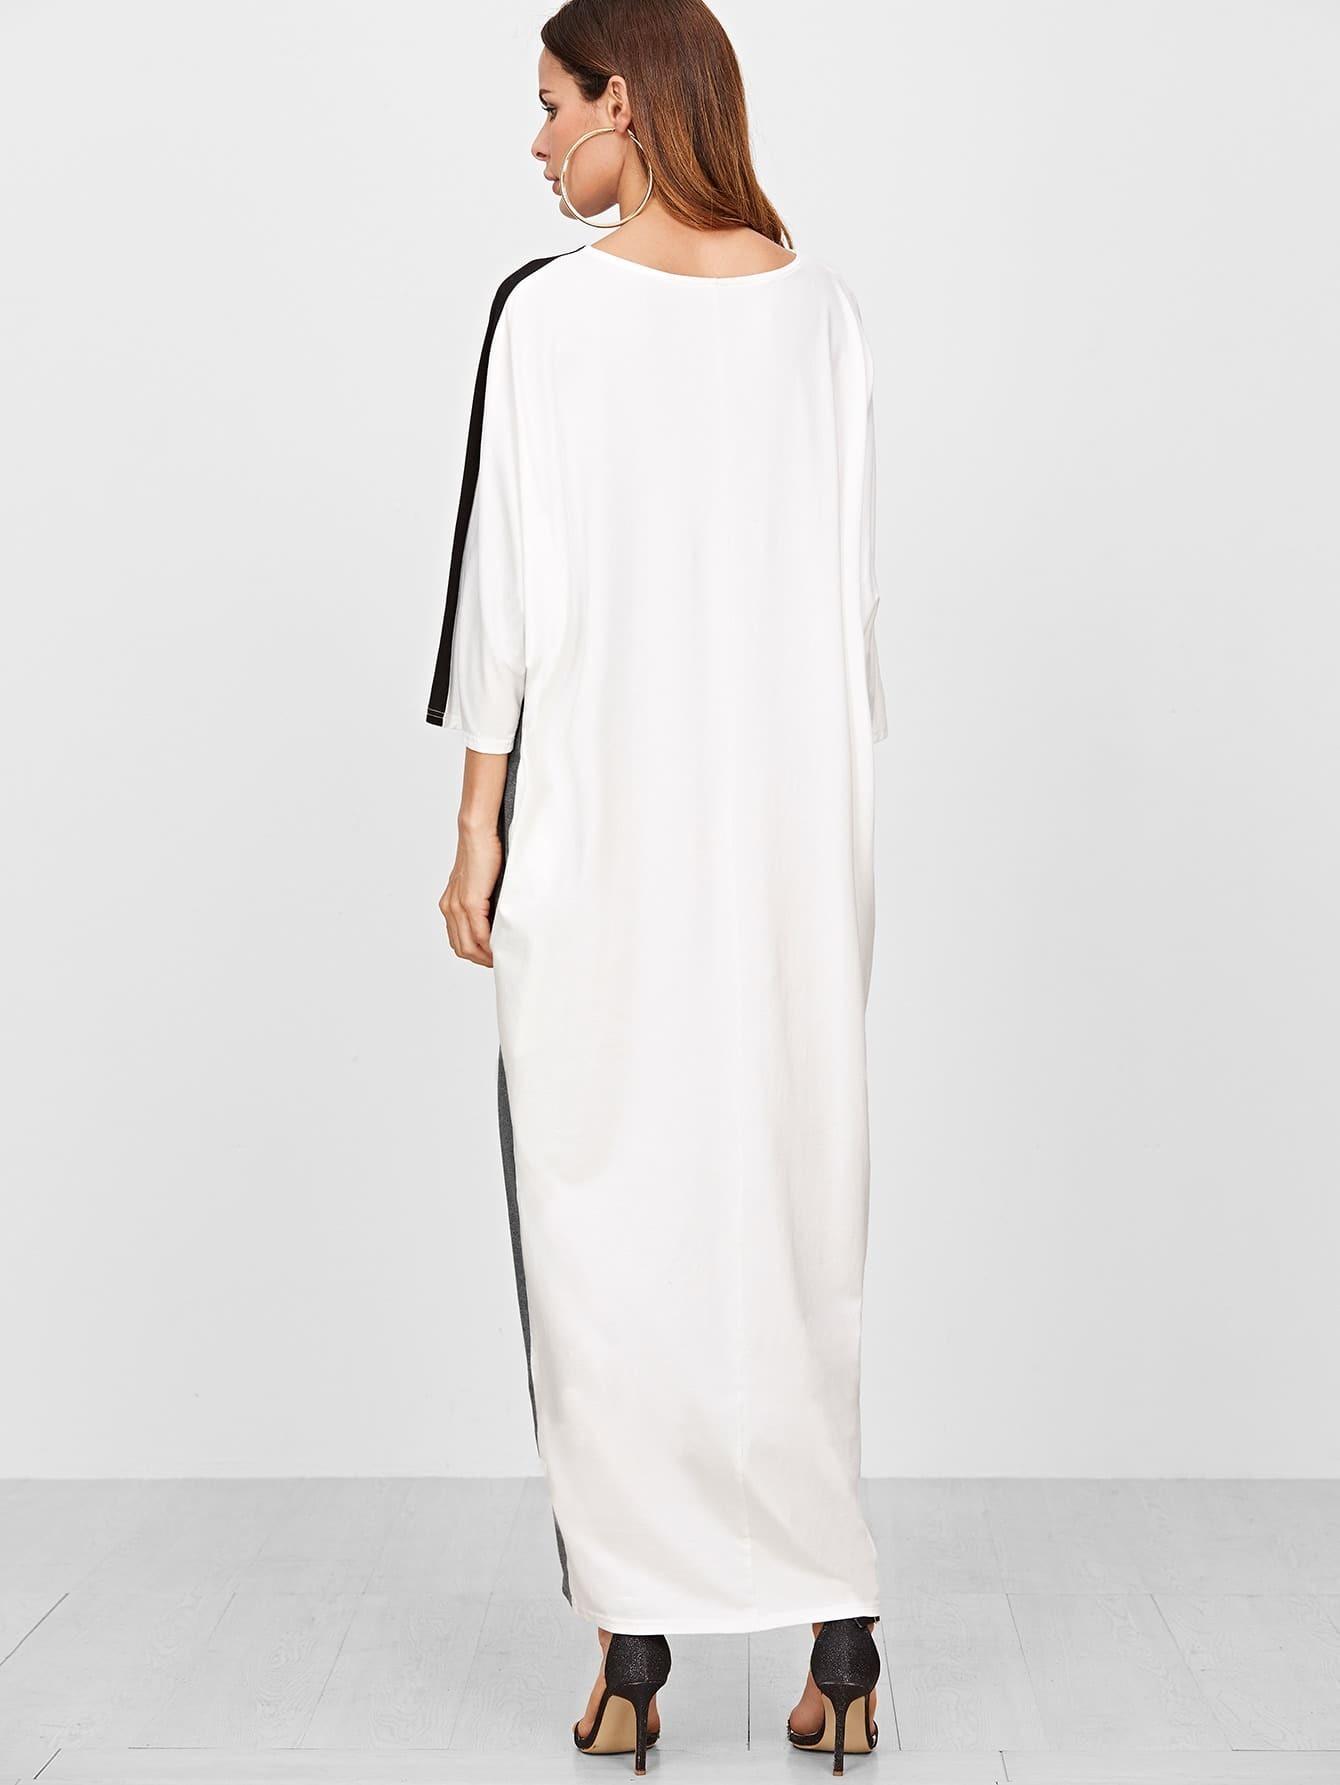 dress161222702_2